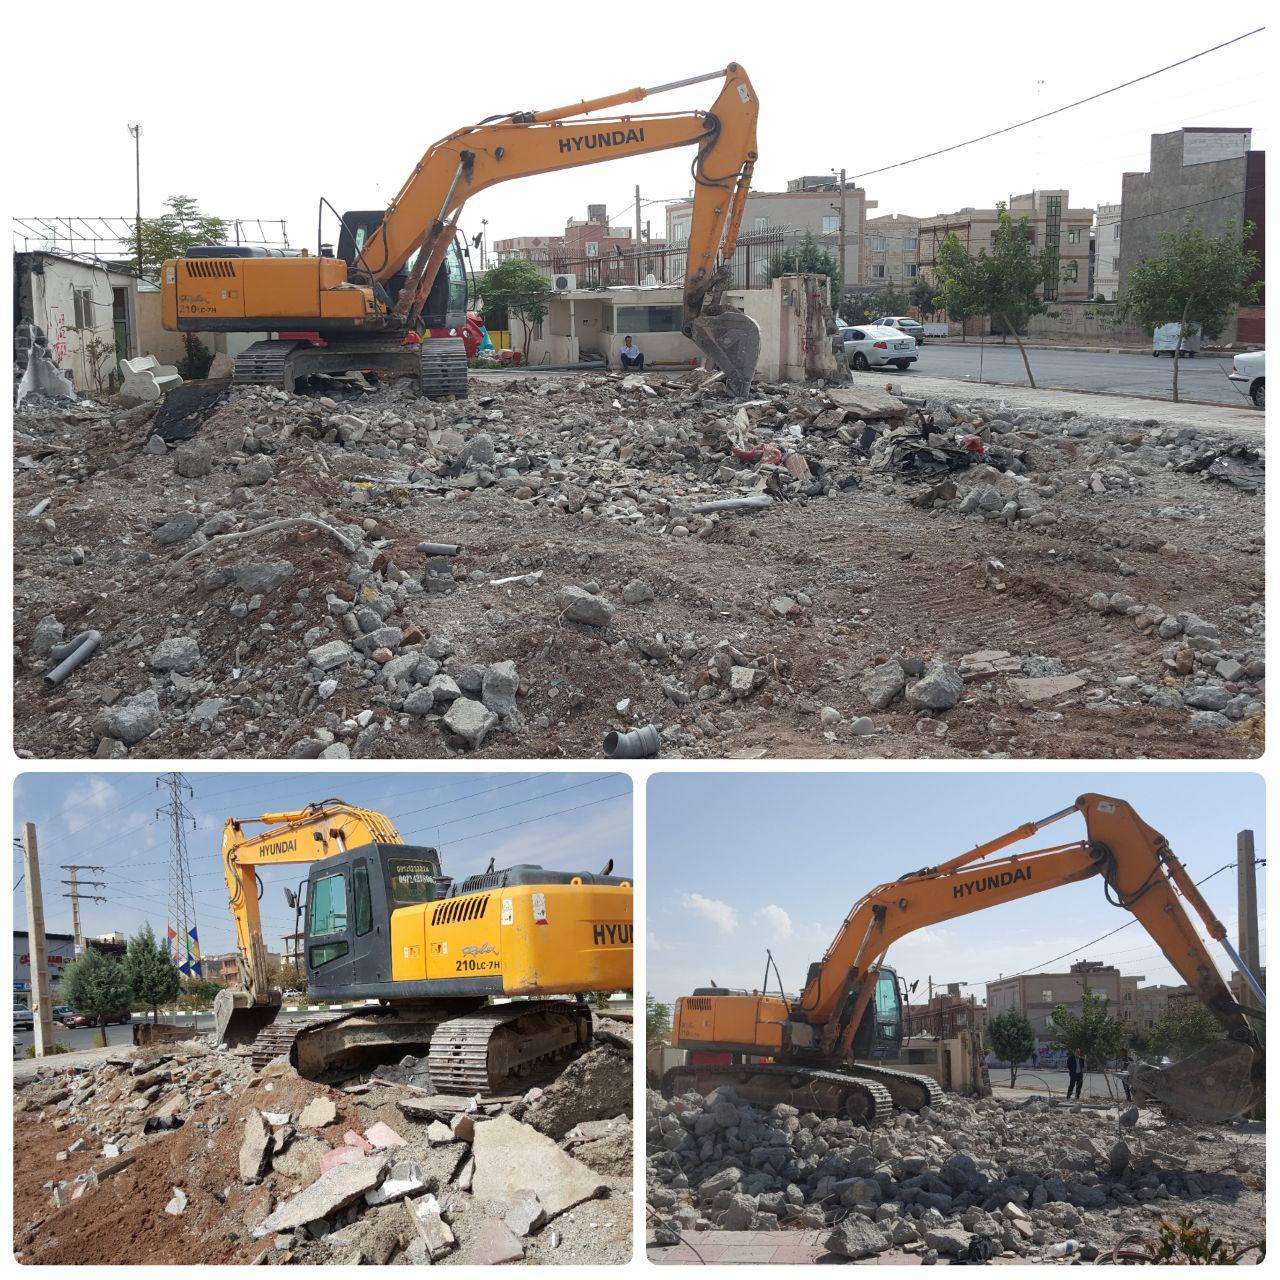 اجرای عملیات خاکبرداری سرای محله / نخستین سرای محله مدیریت شهری پرند راه اندازی می شود